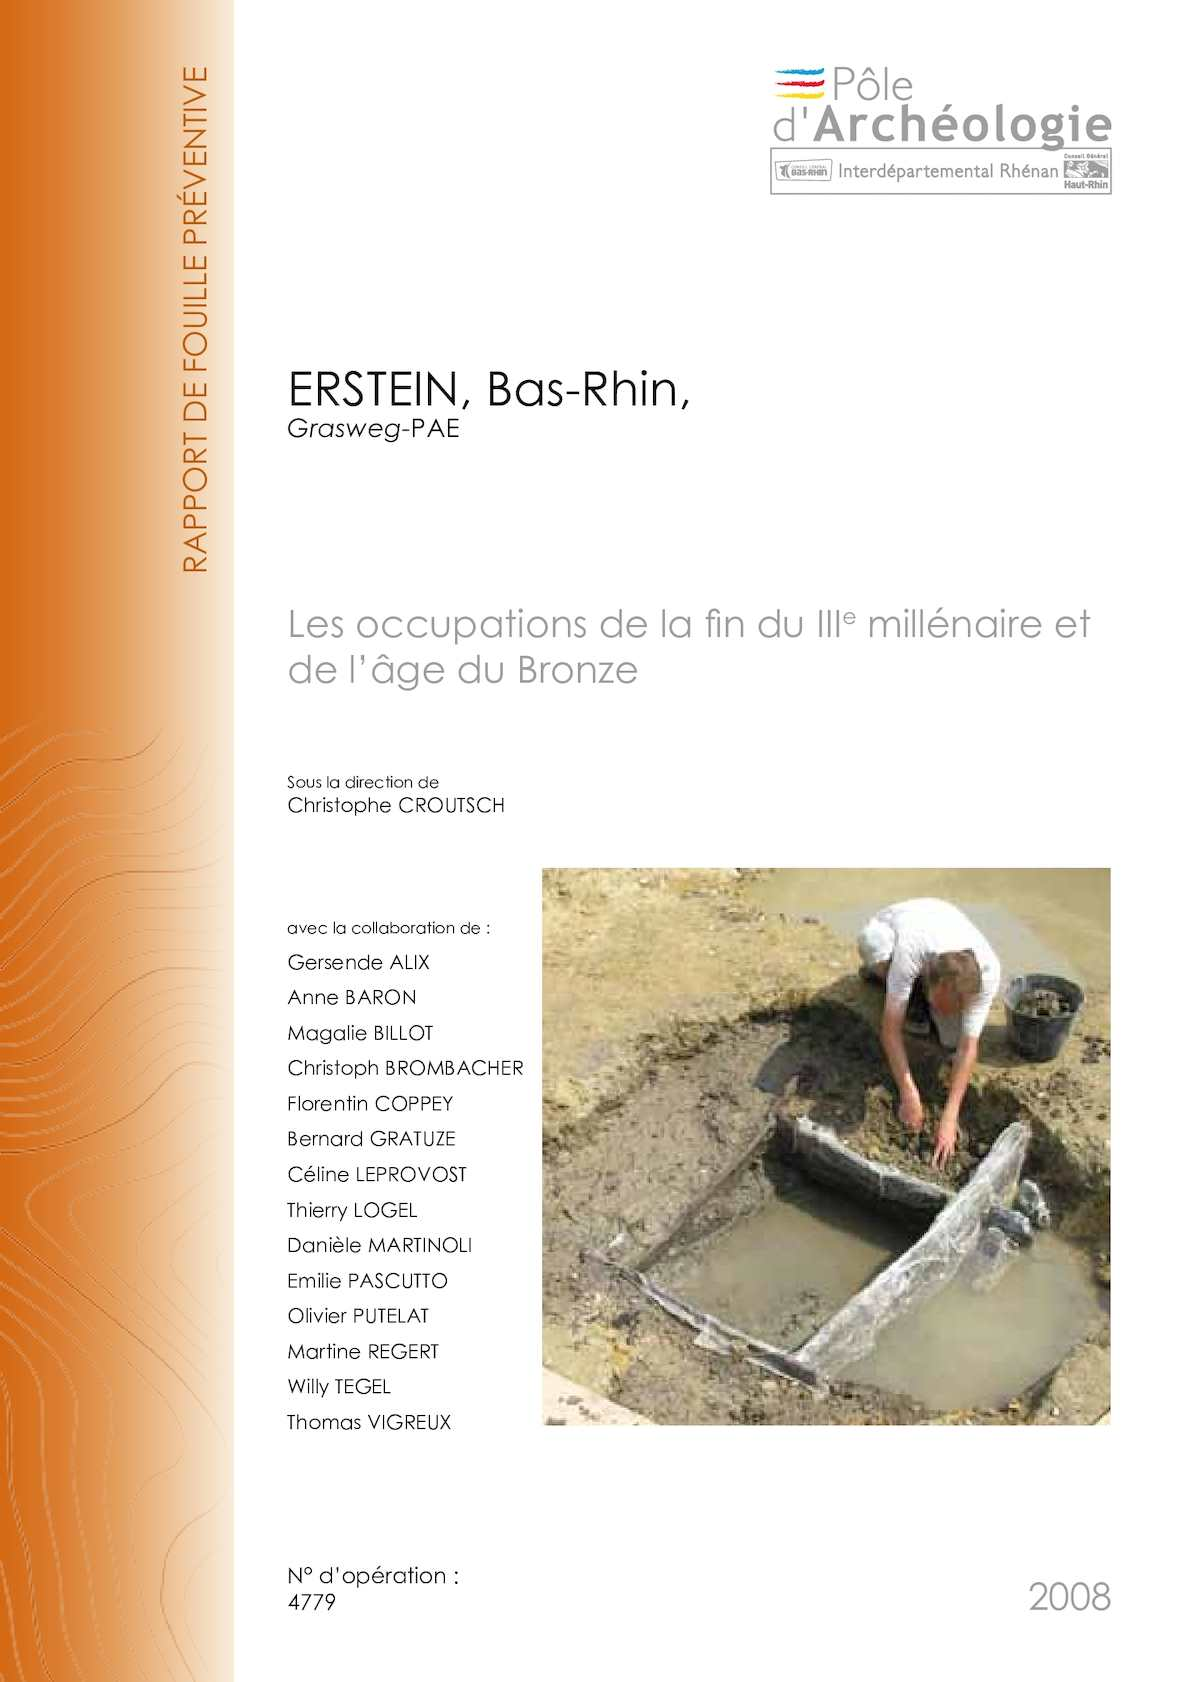 L'isotope de carbone est utilisé pour la datation du carbone des artefacts archéologiques